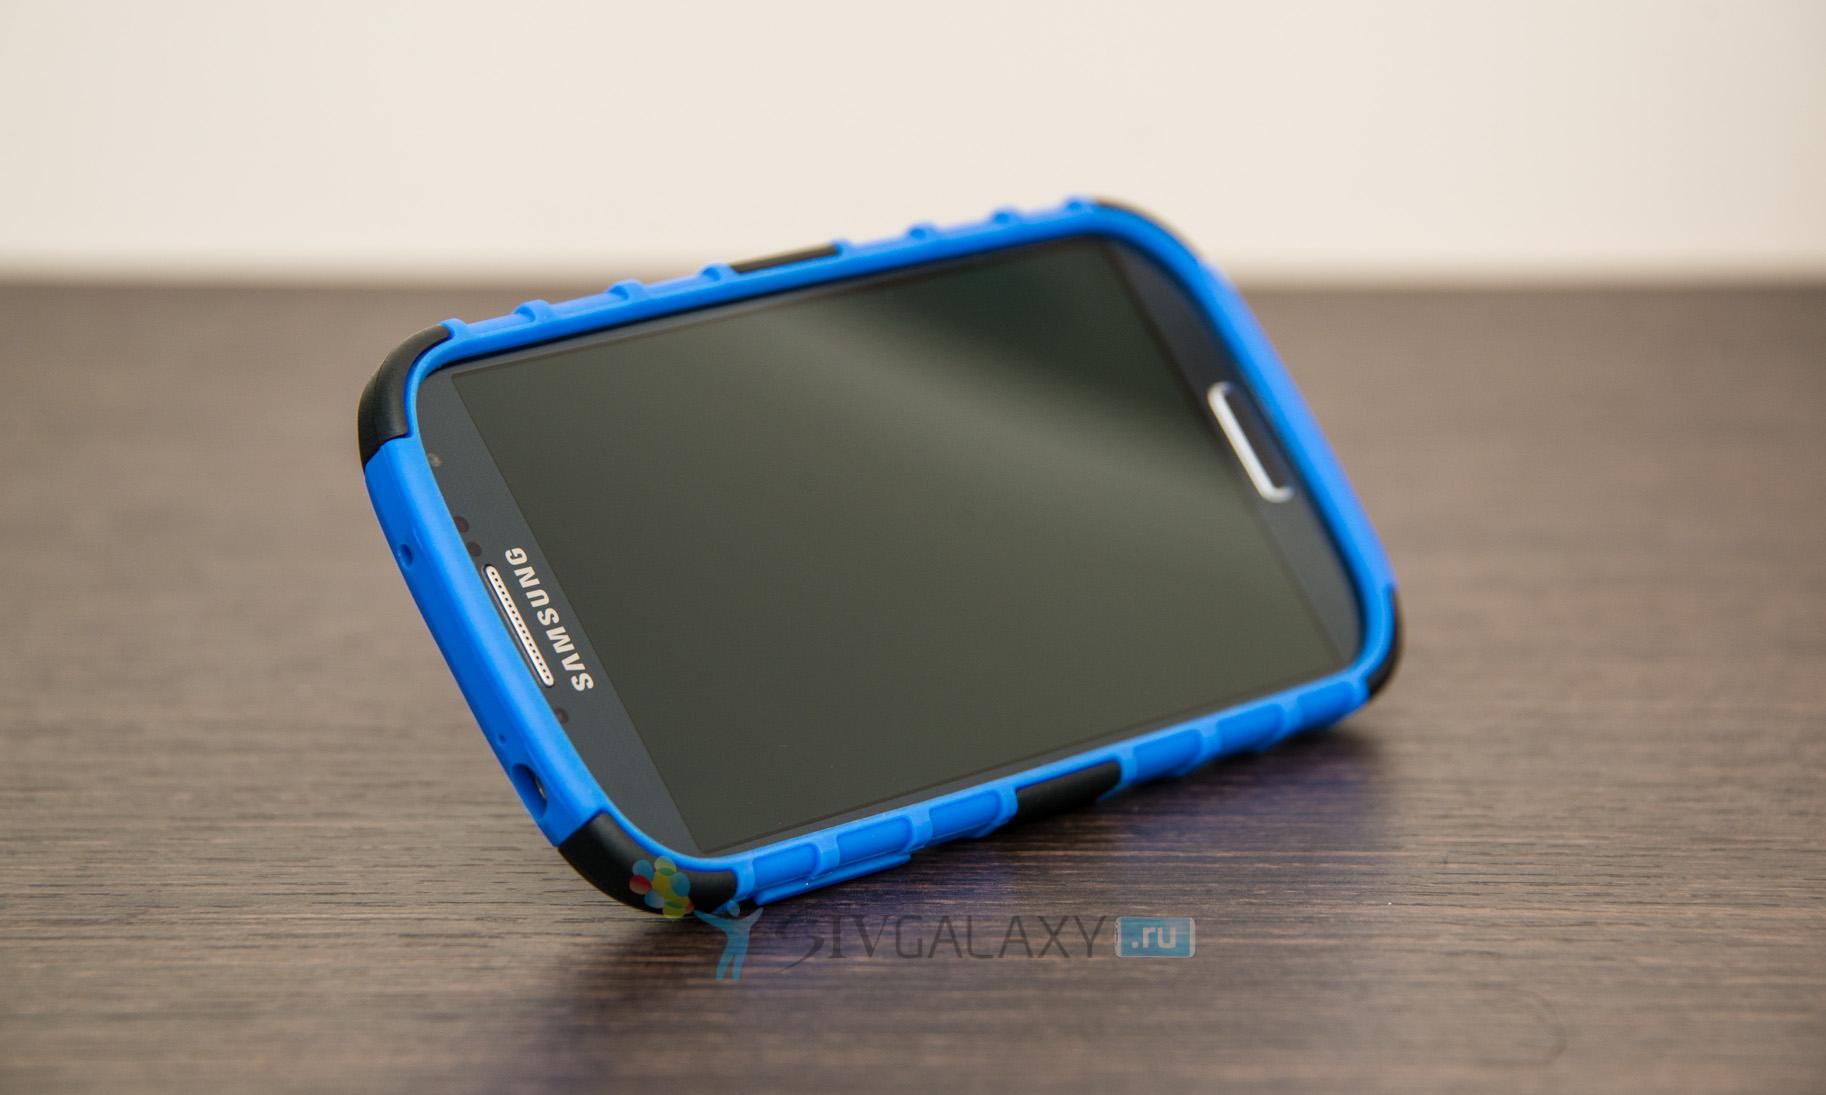 Чехол из резины для Galaxy S4 i9500 с подставкой